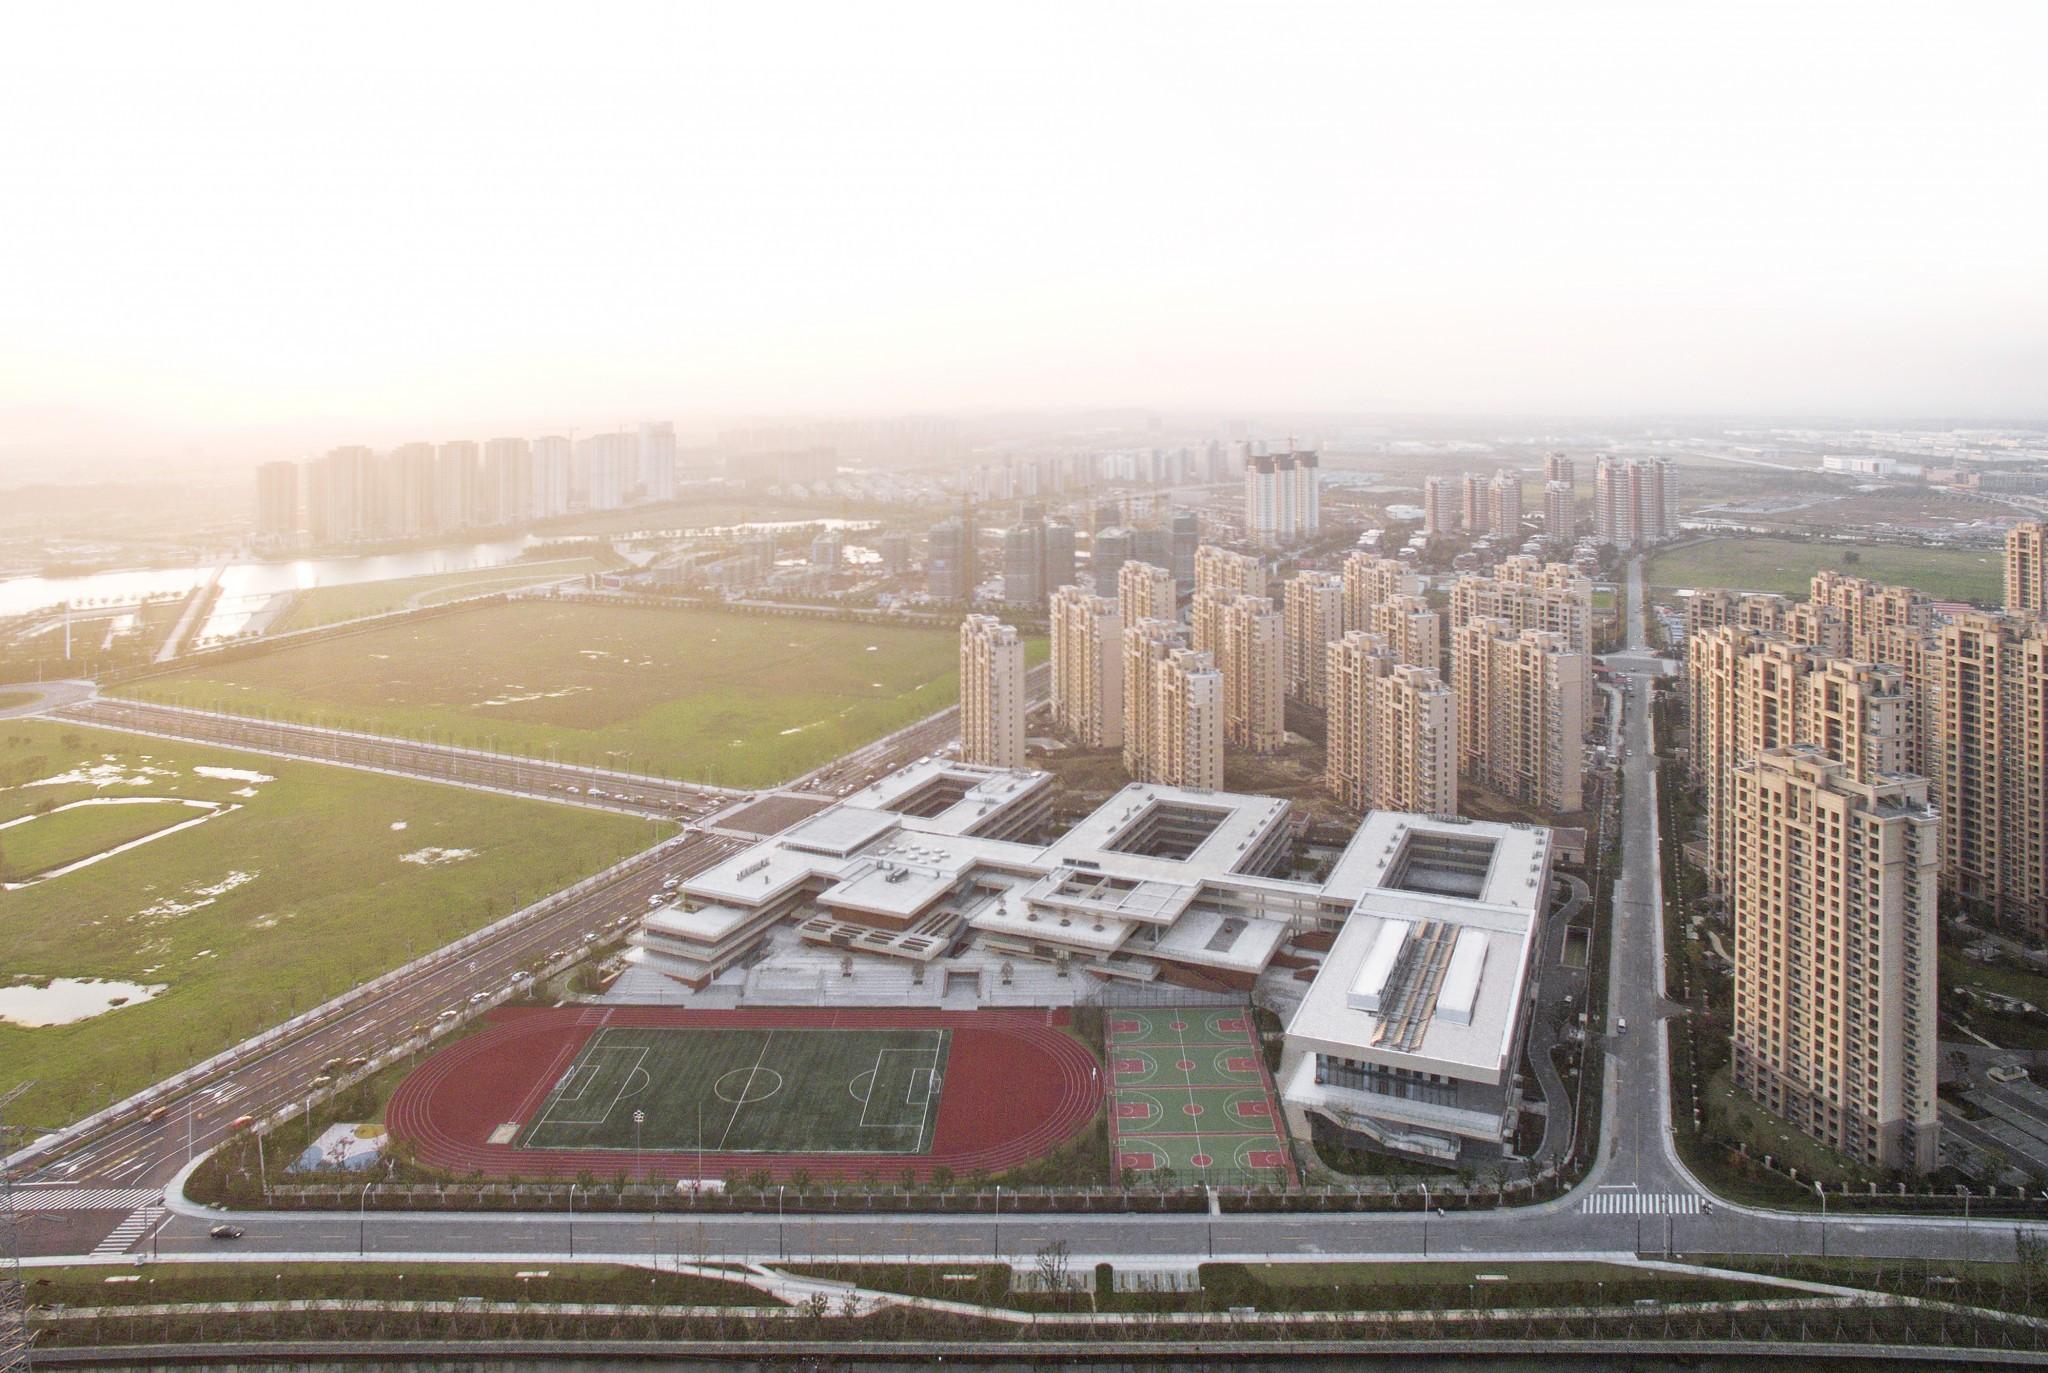 1.鸟瞰 Aerial View (2)